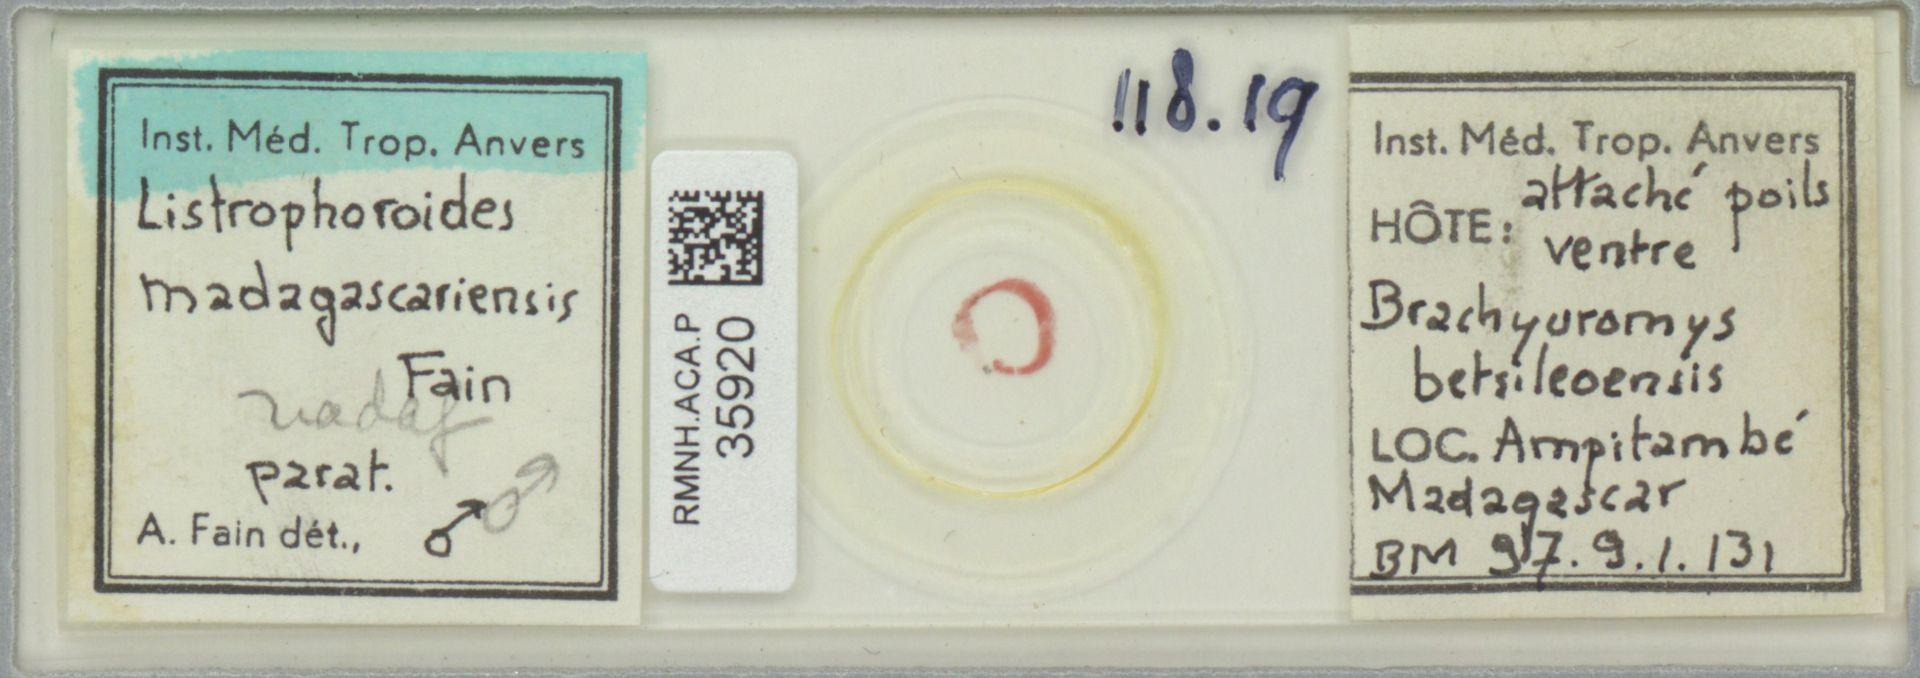 RMNH.ACA.P.35920 | Listrophoroides madagascariensis Fain